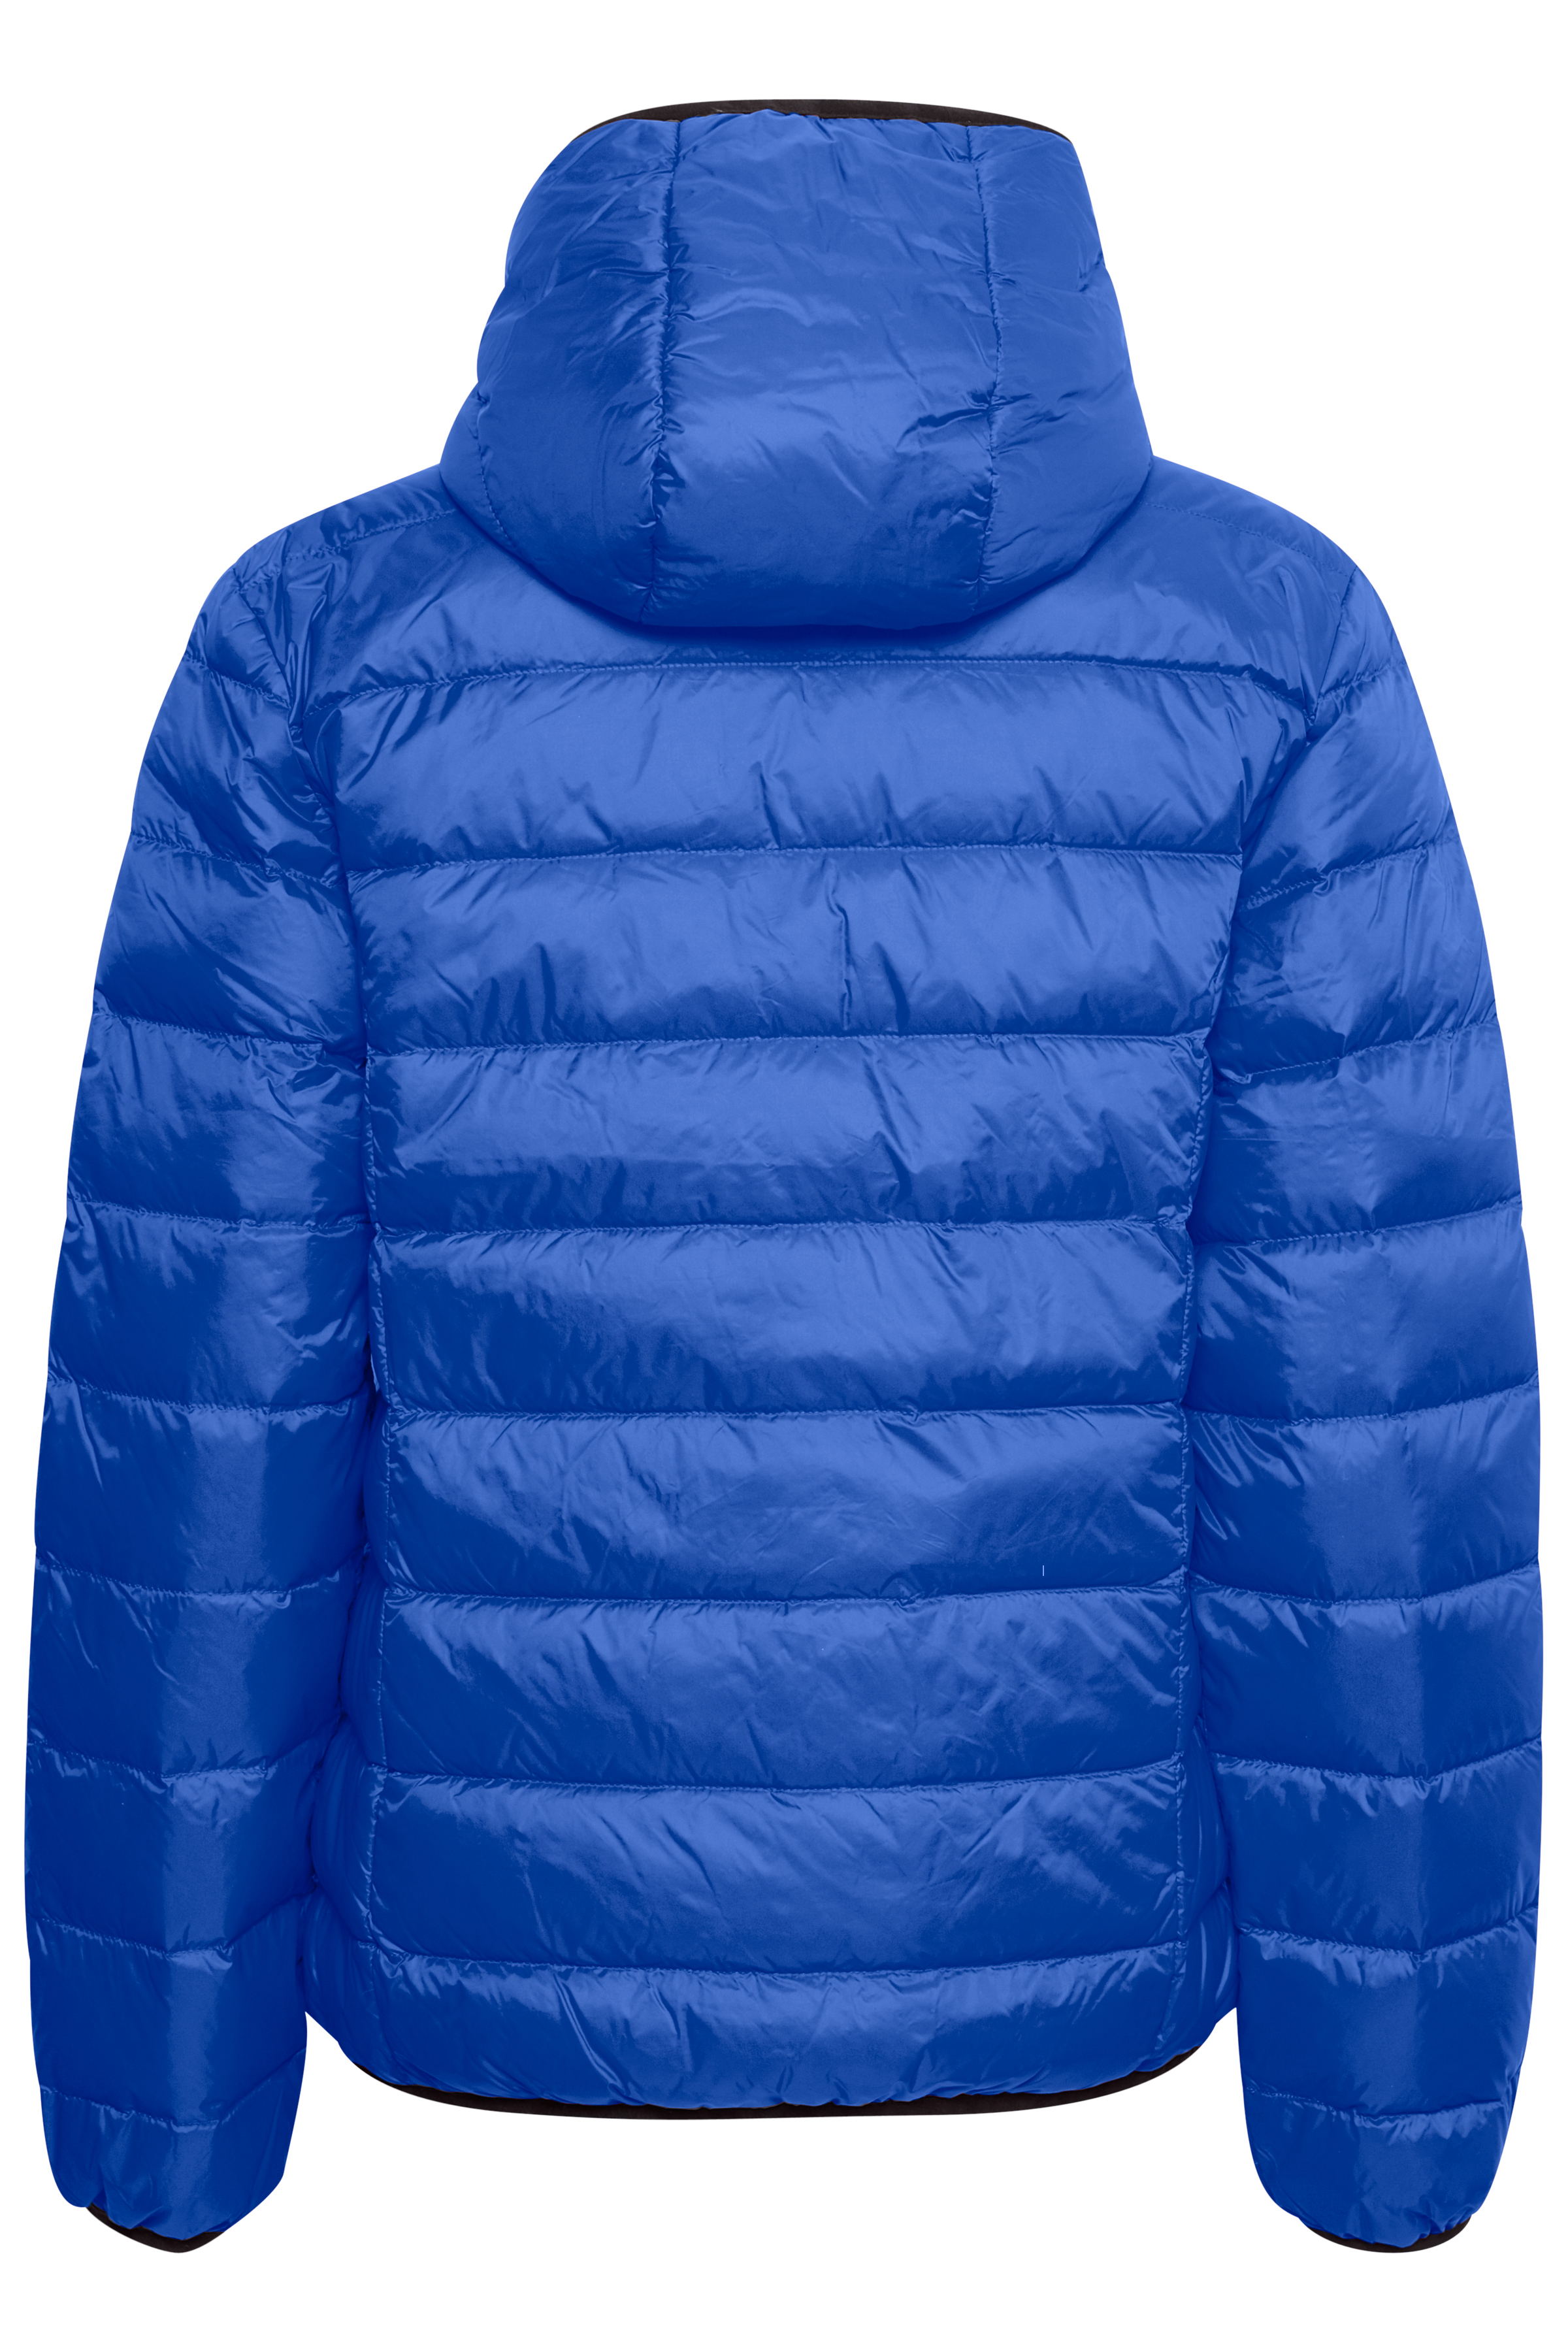 Blå Frakke fra Fransa – Køb Blå Frakke fra str. XS-XXL her